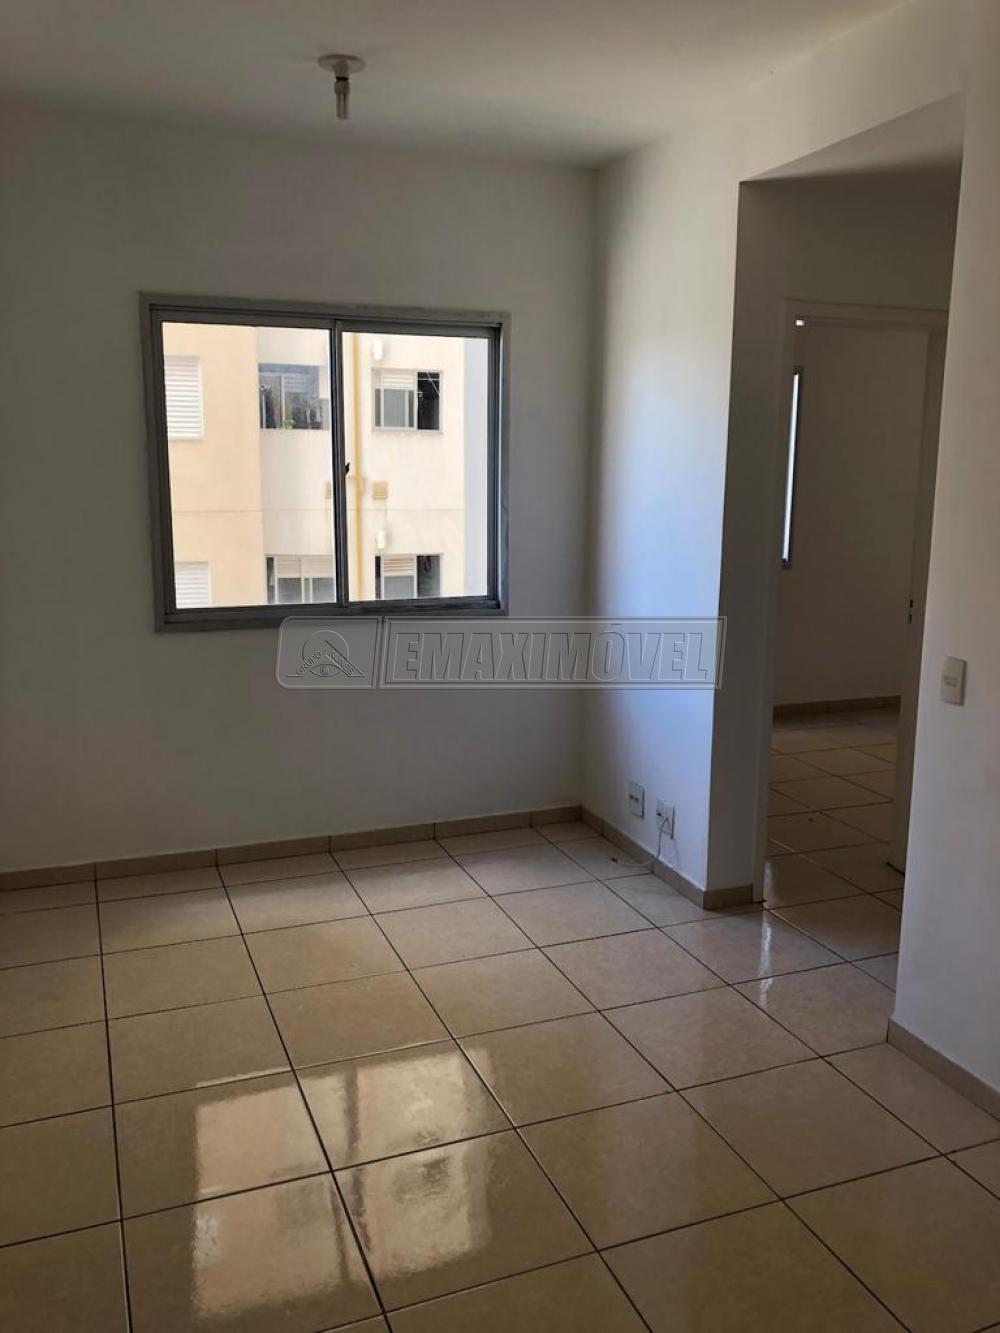 Comprar Apartamentos / Apto Padrão em Sorocaba apenas R$ 220.000,00 - Foto 1